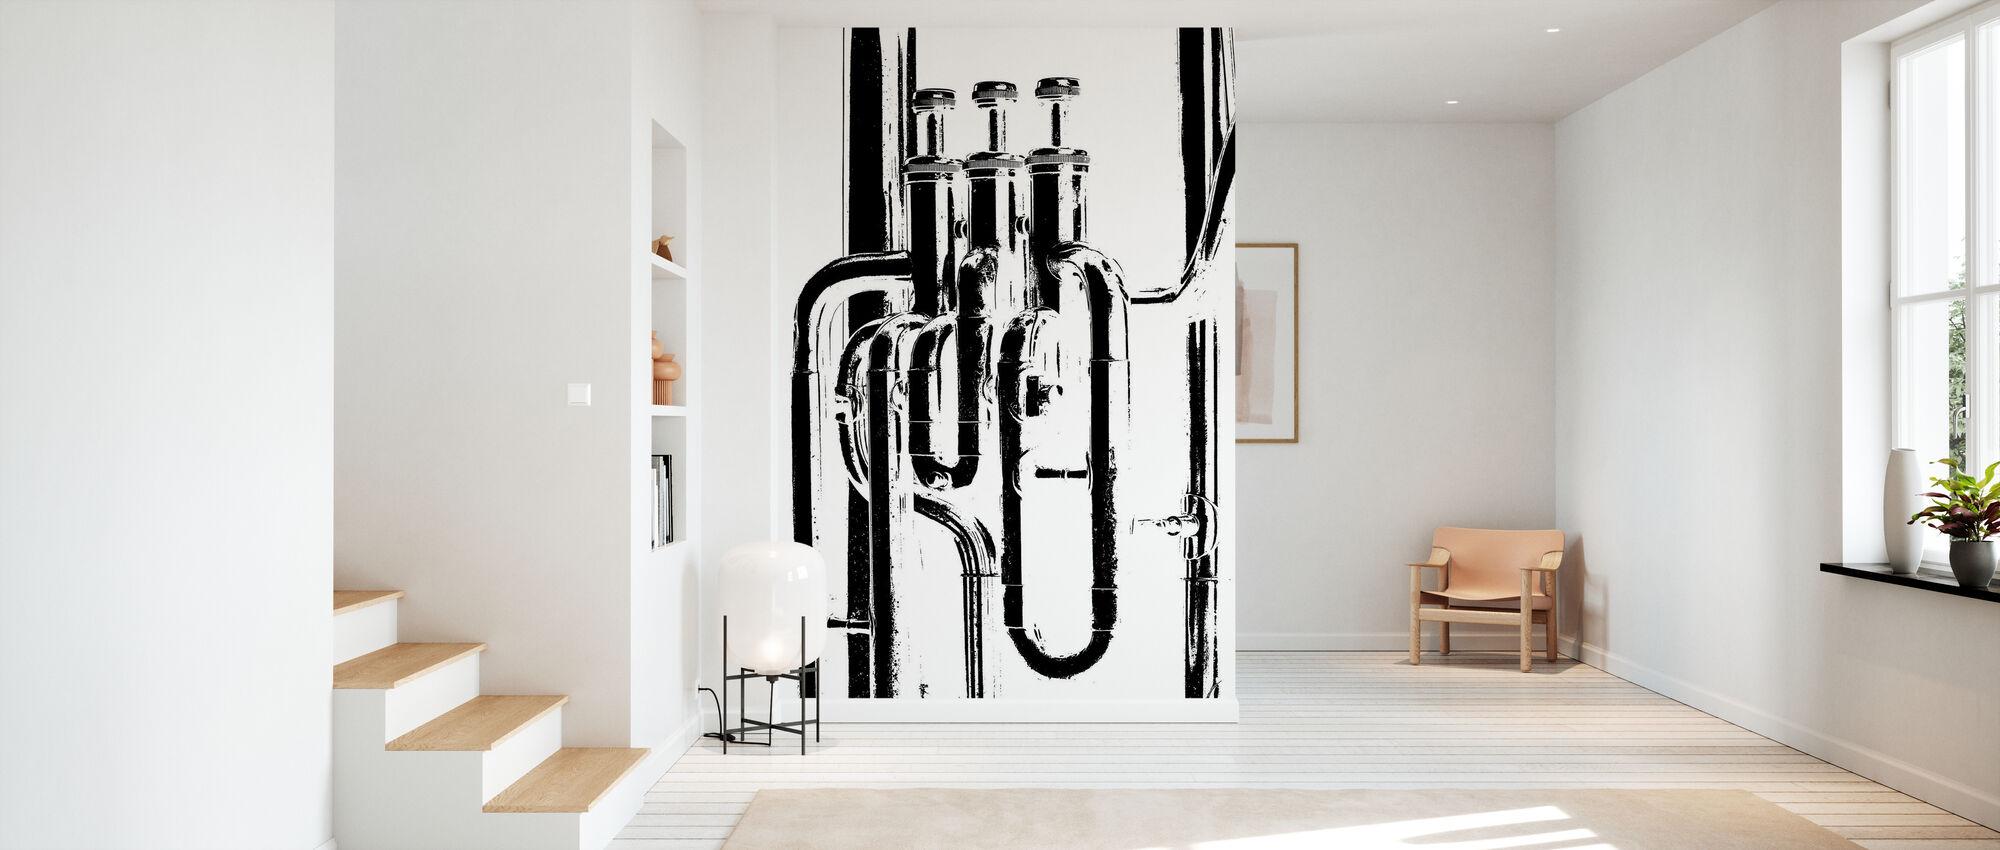 Corne de laiton Graphique - Tuba - Papier peint - Entrée